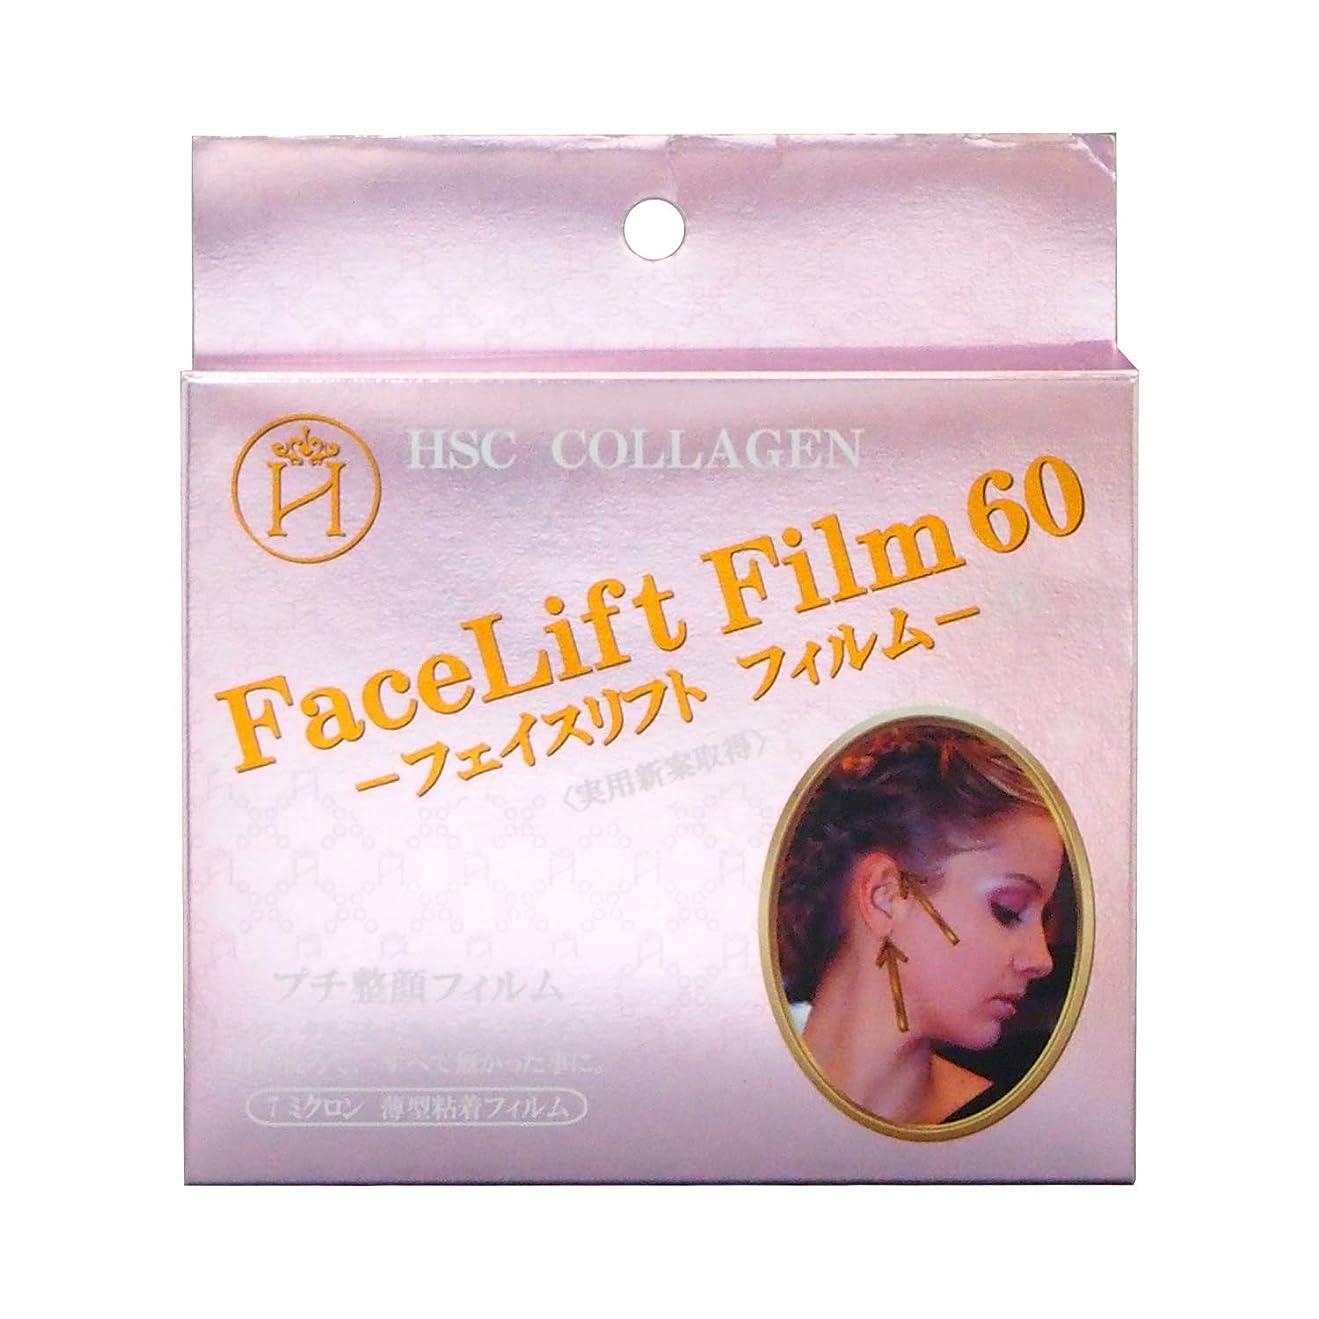 分子クラブバンドフェイスリフトフィルム60 たるみ テープ 引き上げ 透明 目立たない フェイスライン